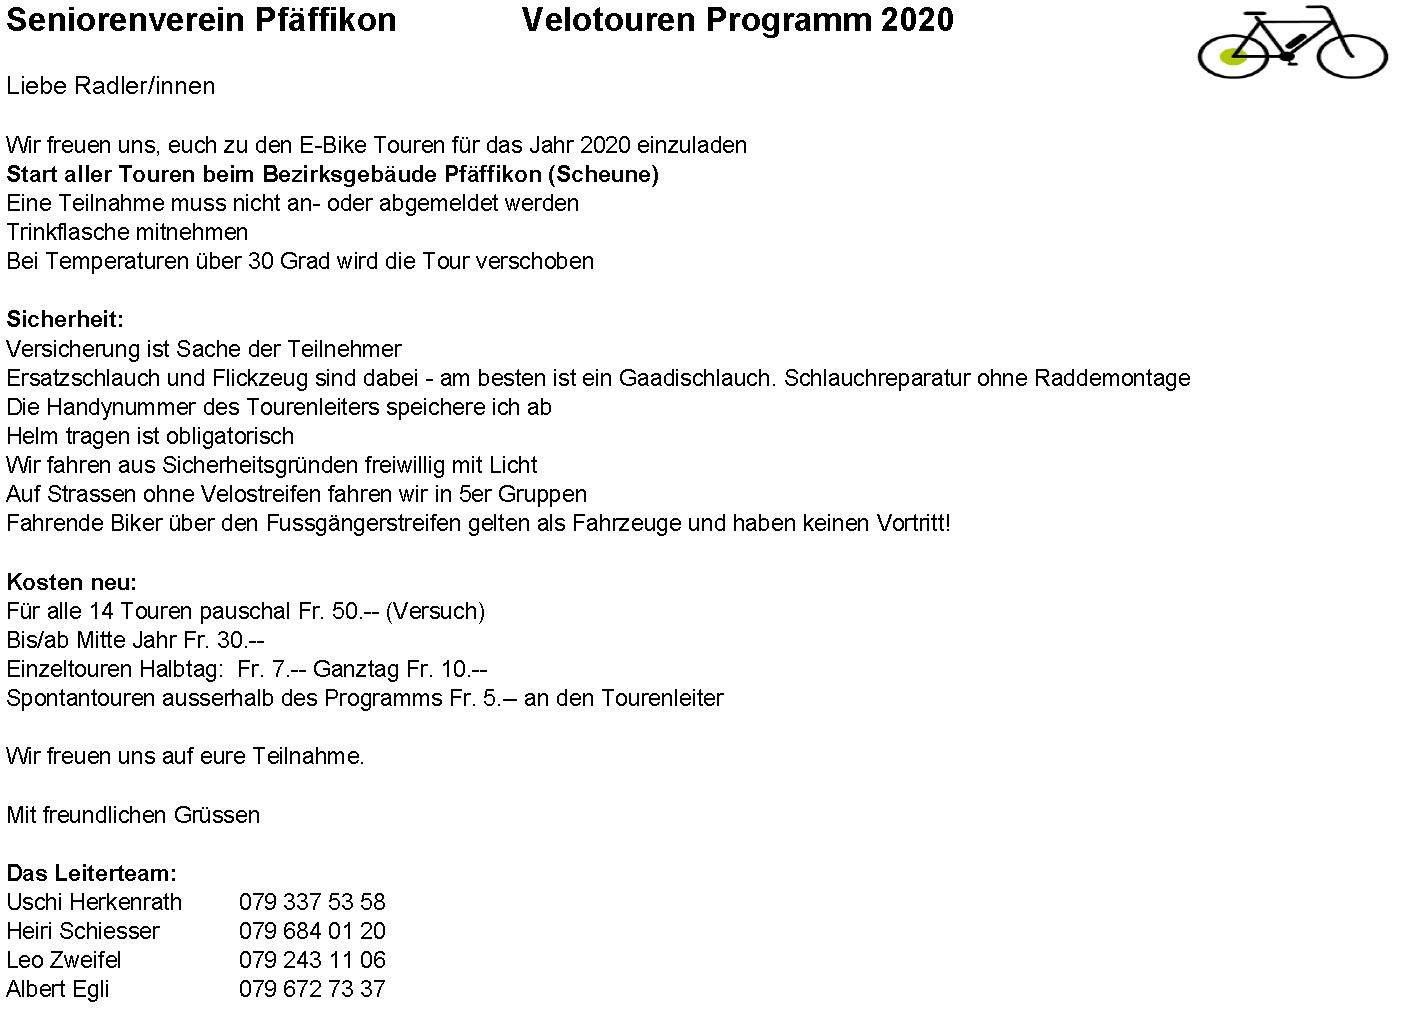 Velo-Programm 2020-1jpg